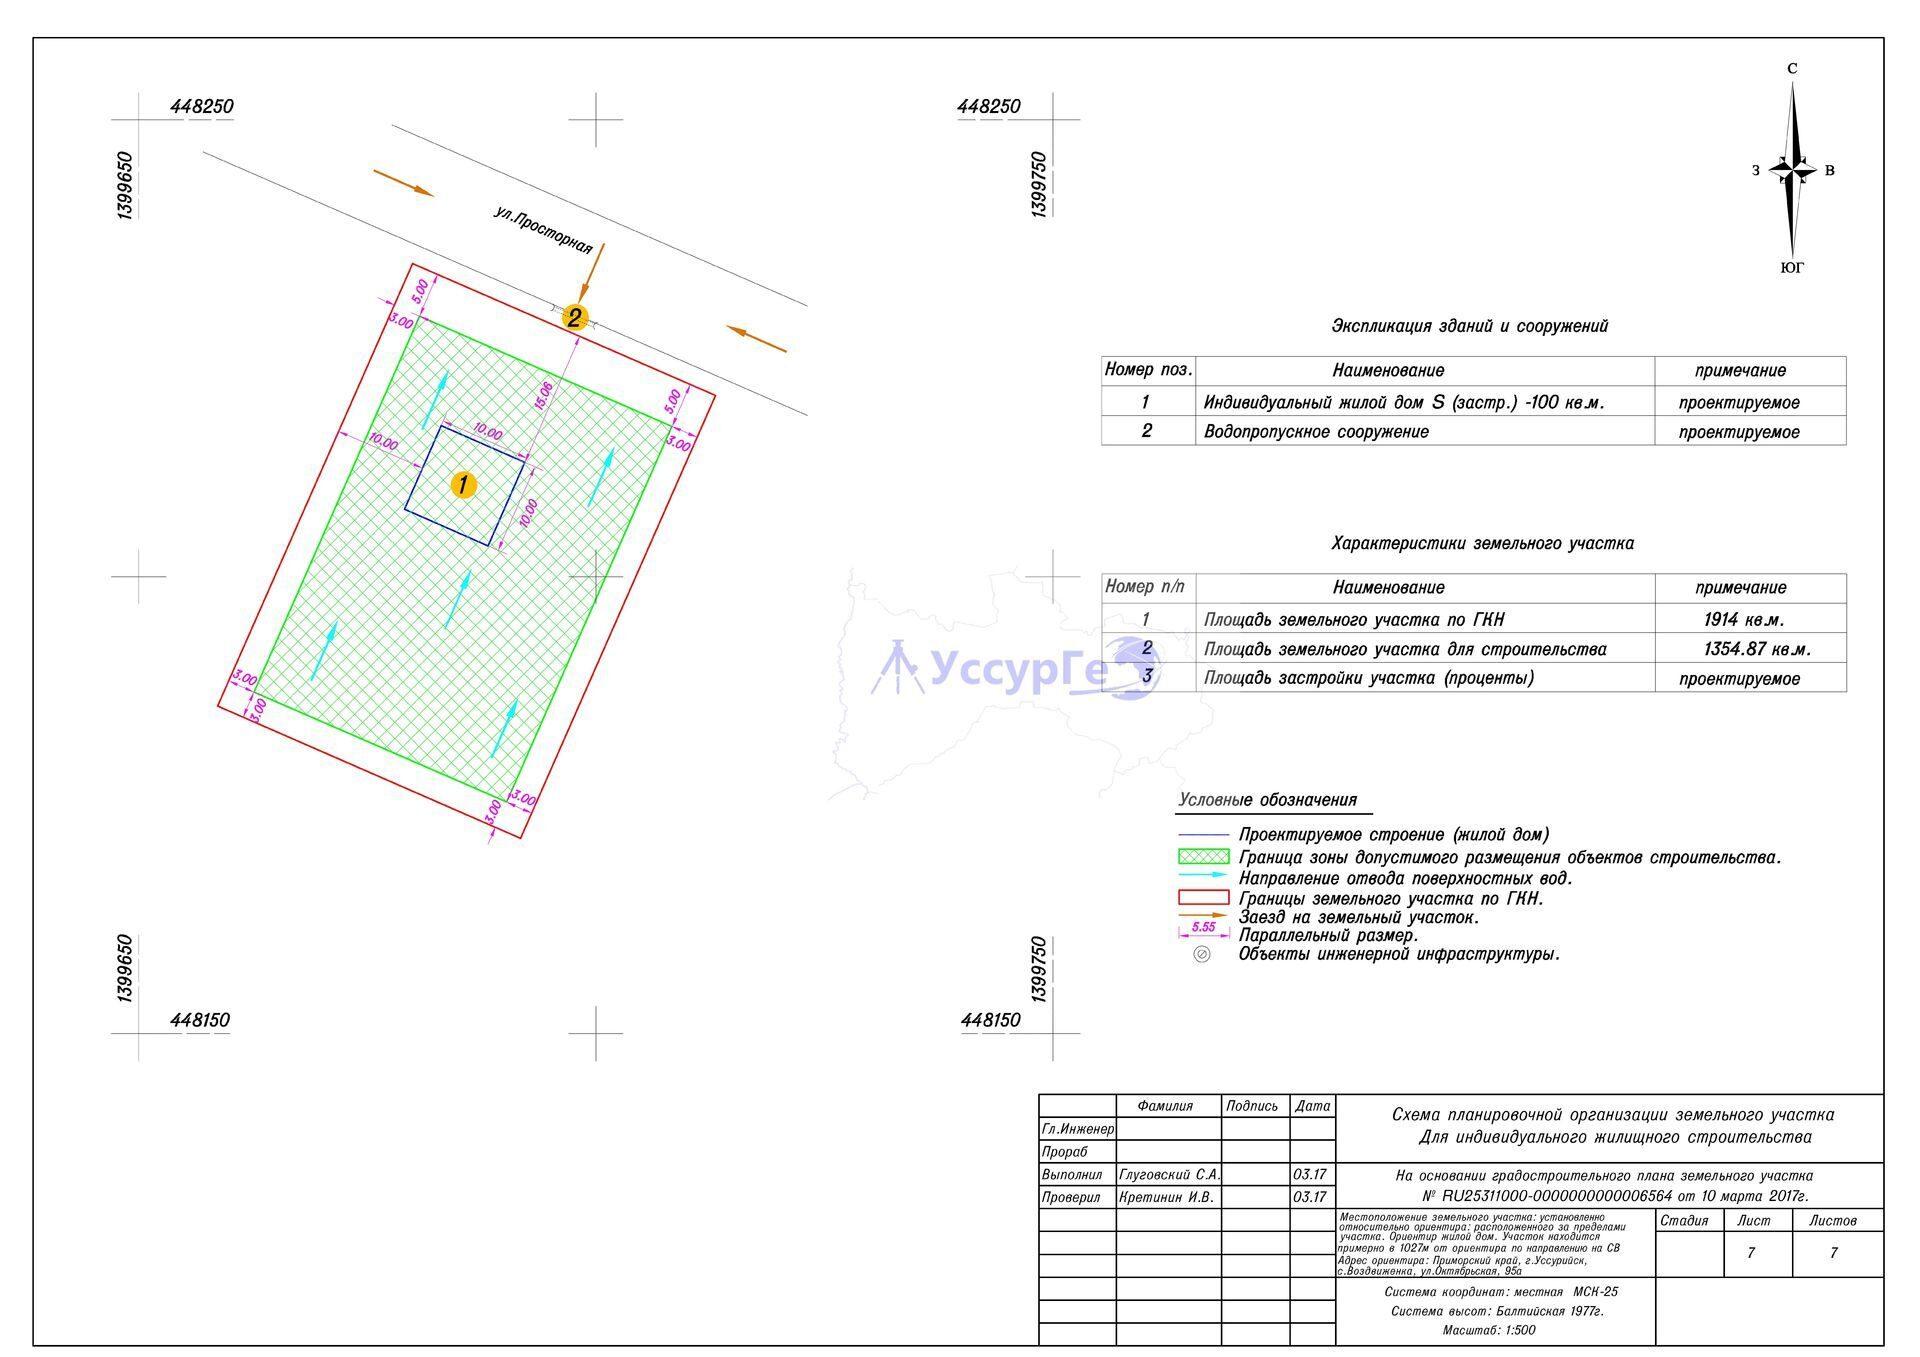 Схема забудови земельної ділянки зразок